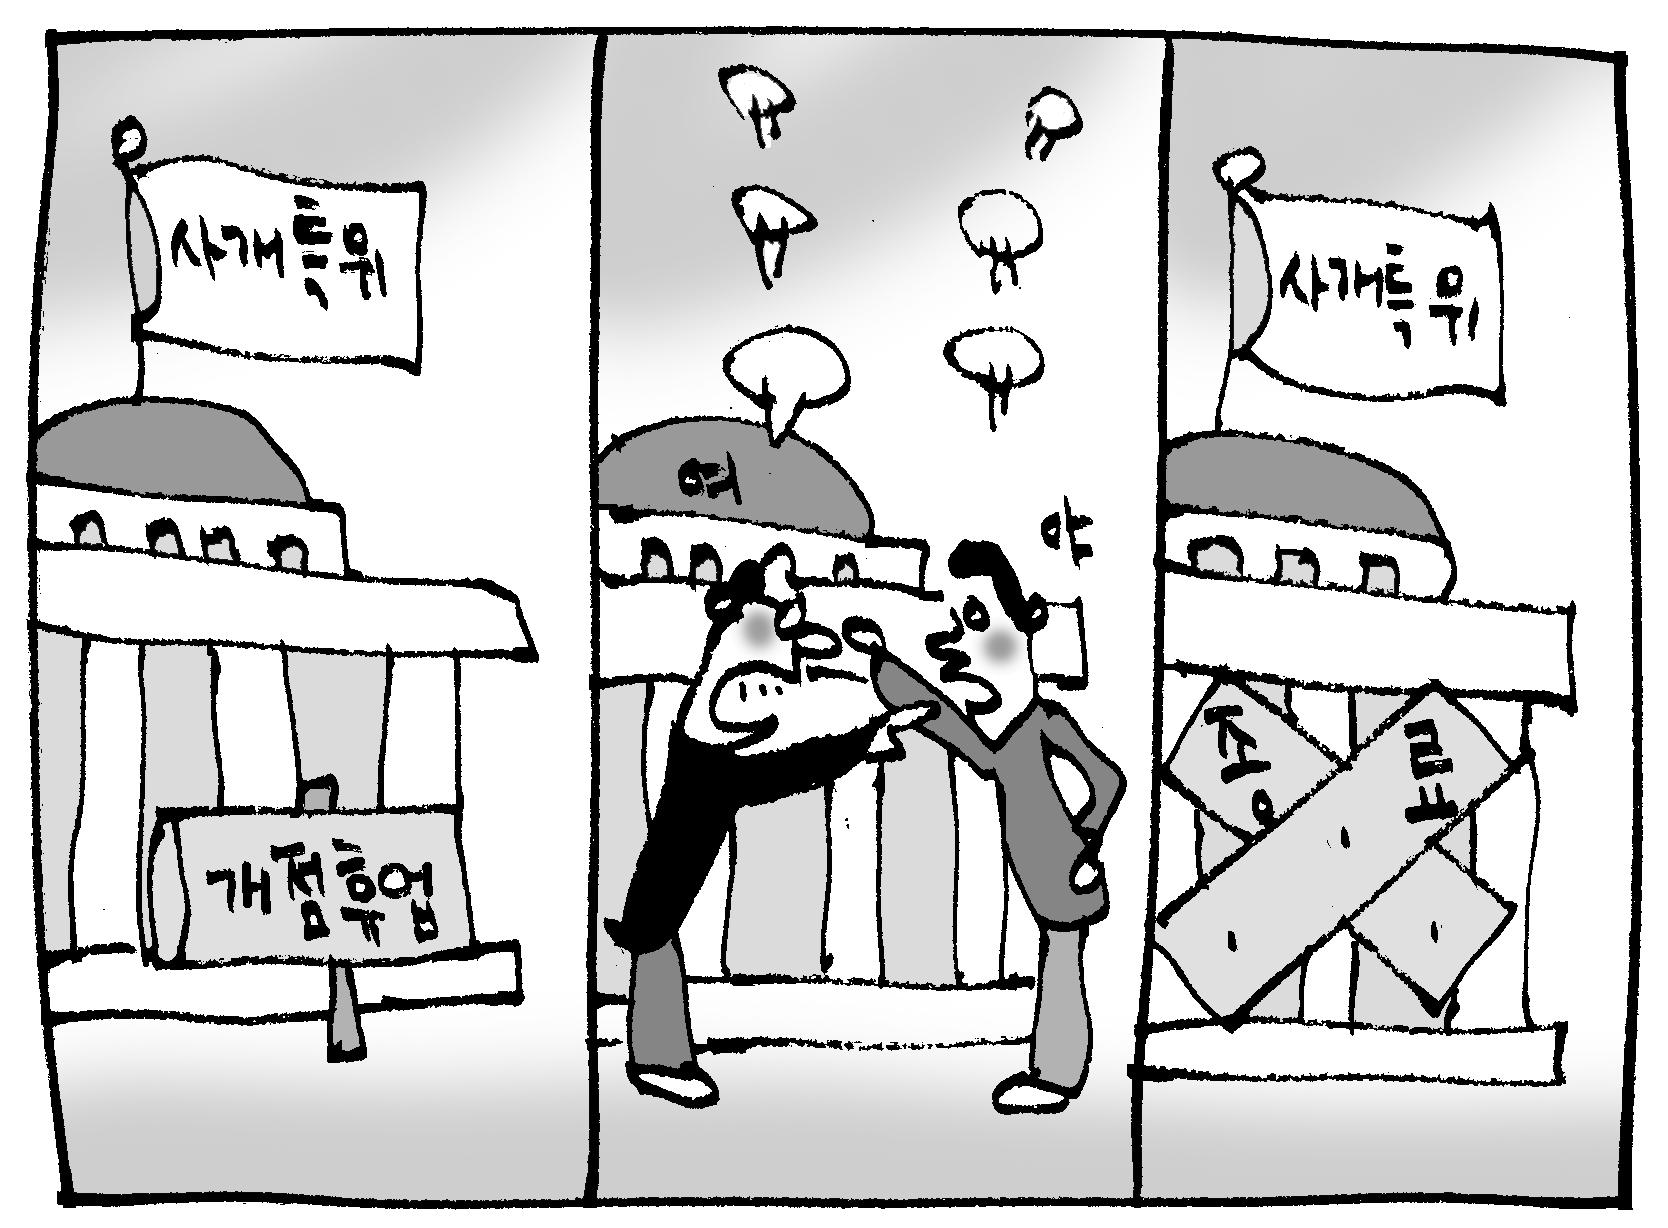 법안처리 1건도 못한 채 사개특위 '빈손 종료'